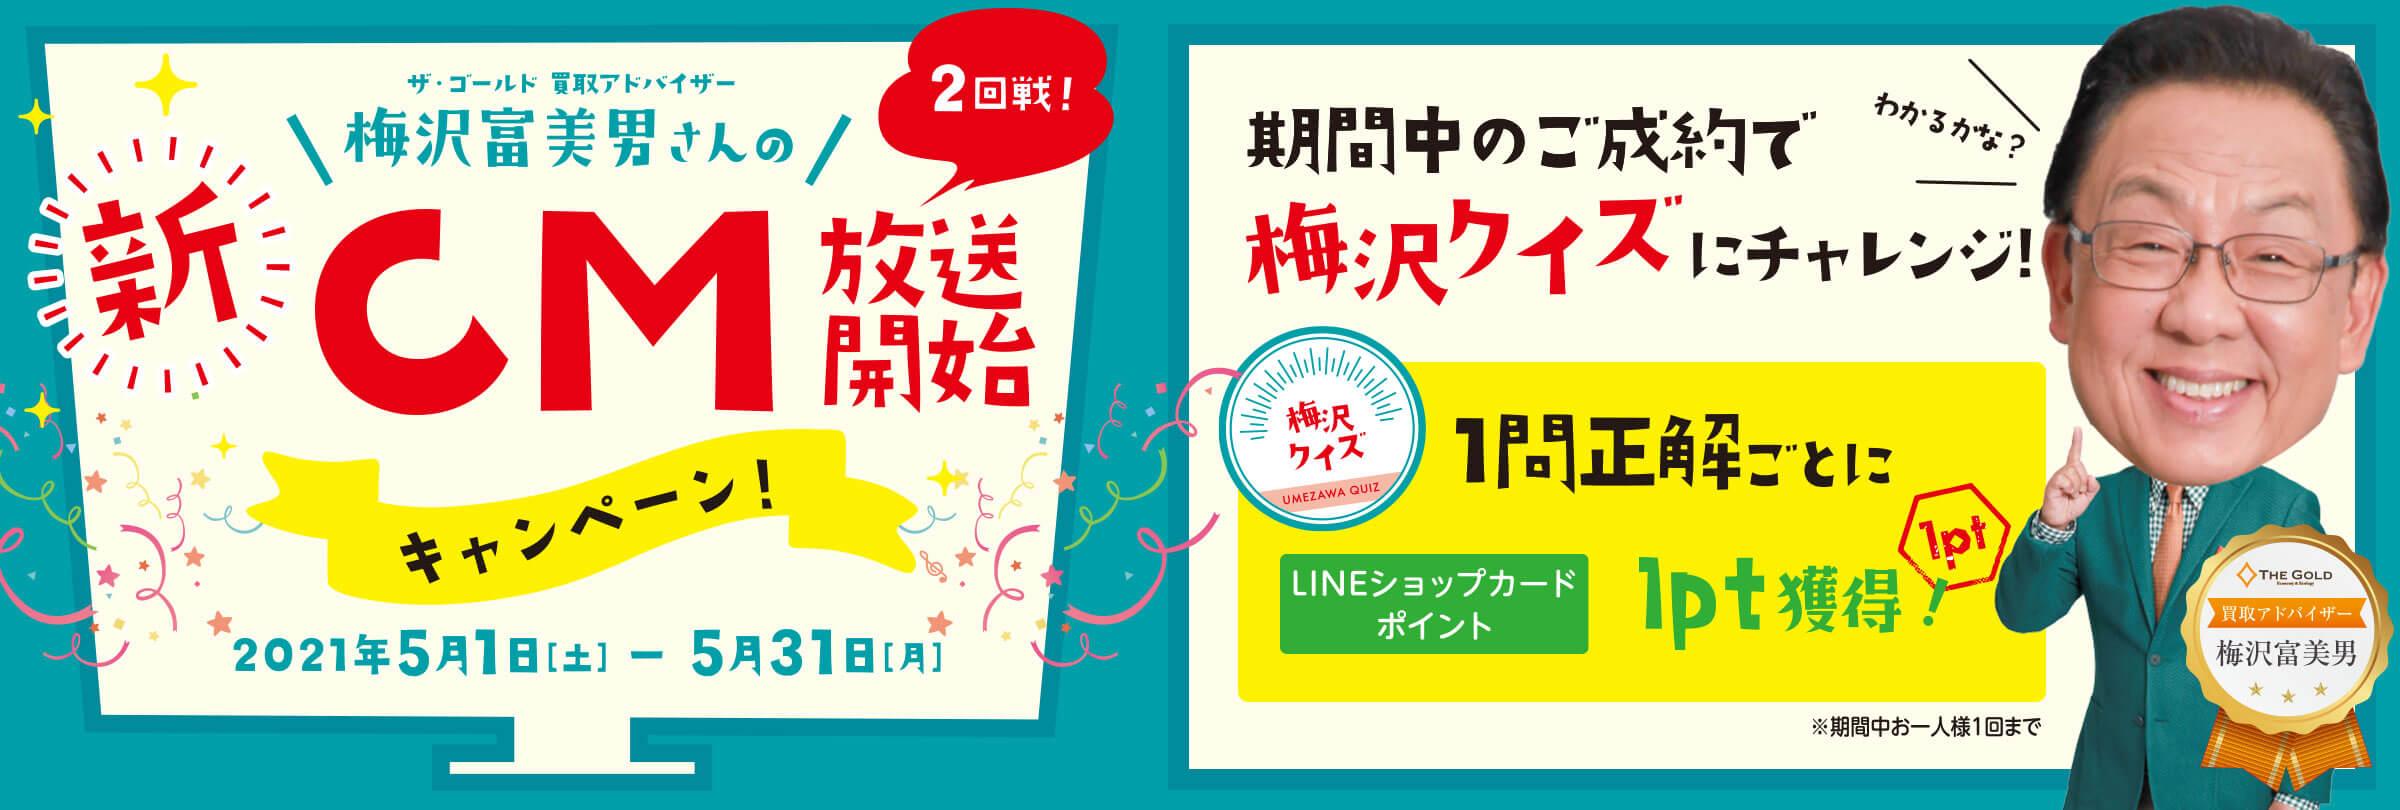 【期間限定5月1日~5月31日】新CM放送開始キャンペーン(2回戦)を開始します